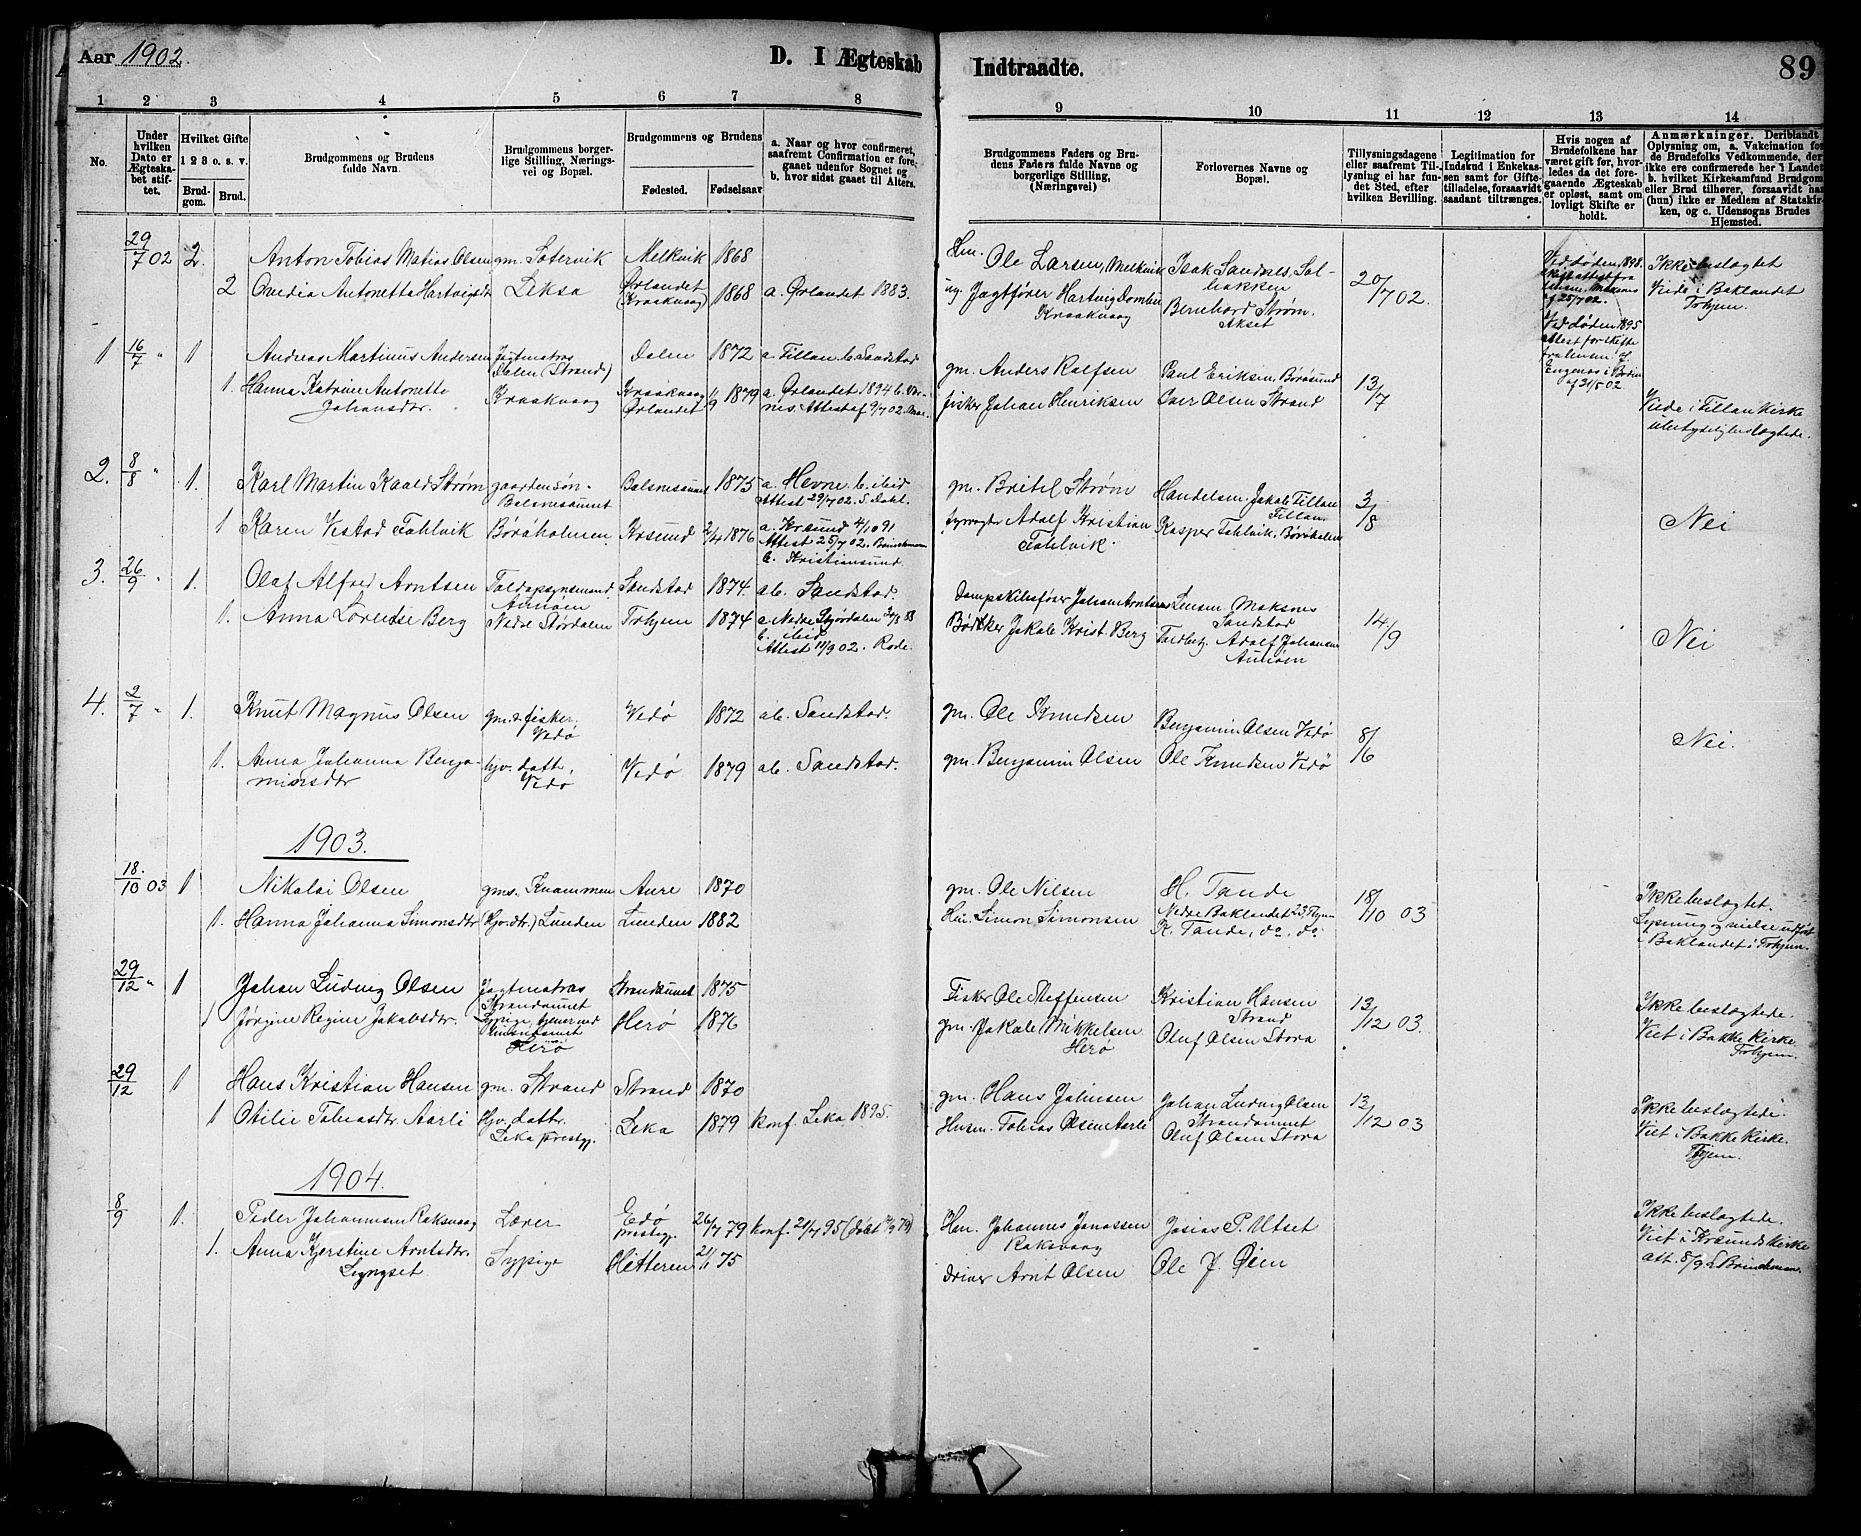 SAT, Ministerialprotokoller, klokkerbøker og fødselsregistre - Sør-Trøndelag, 639/L0573: Klokkerbok nr. 639C01, 1890-1905, s. 89